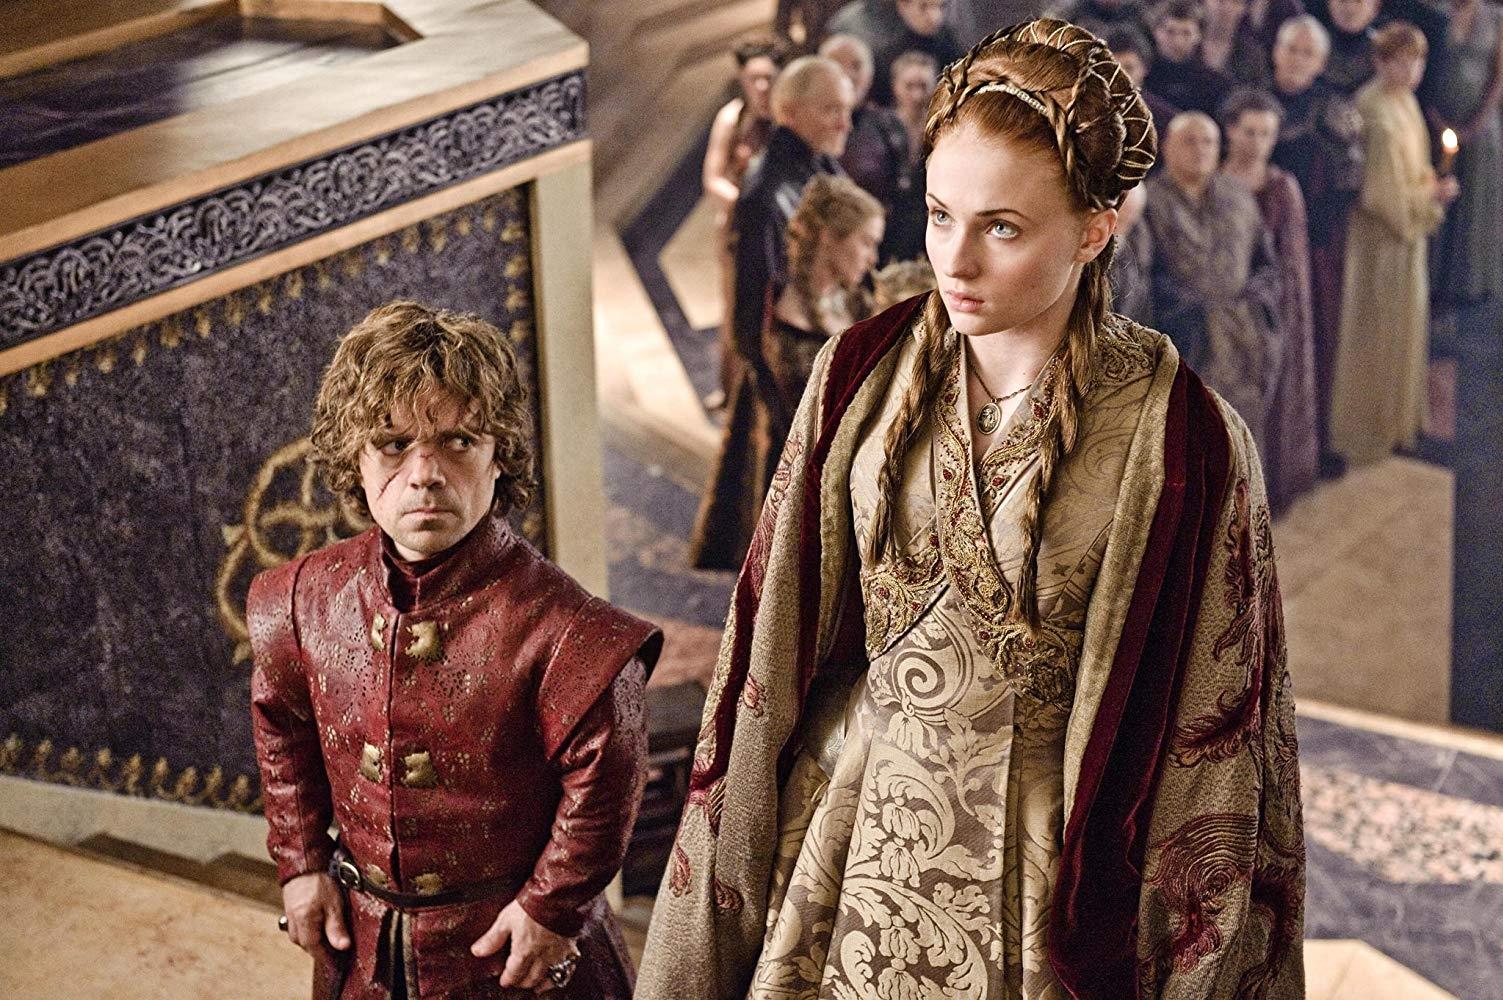 A temporada mais uma vez se passa em vários meses - dessa vez, o outono está estabelecido, o inverno vem aí e, em vez de se preparem para a estação, os Sete Reinos de Westeros continuam em guerra.